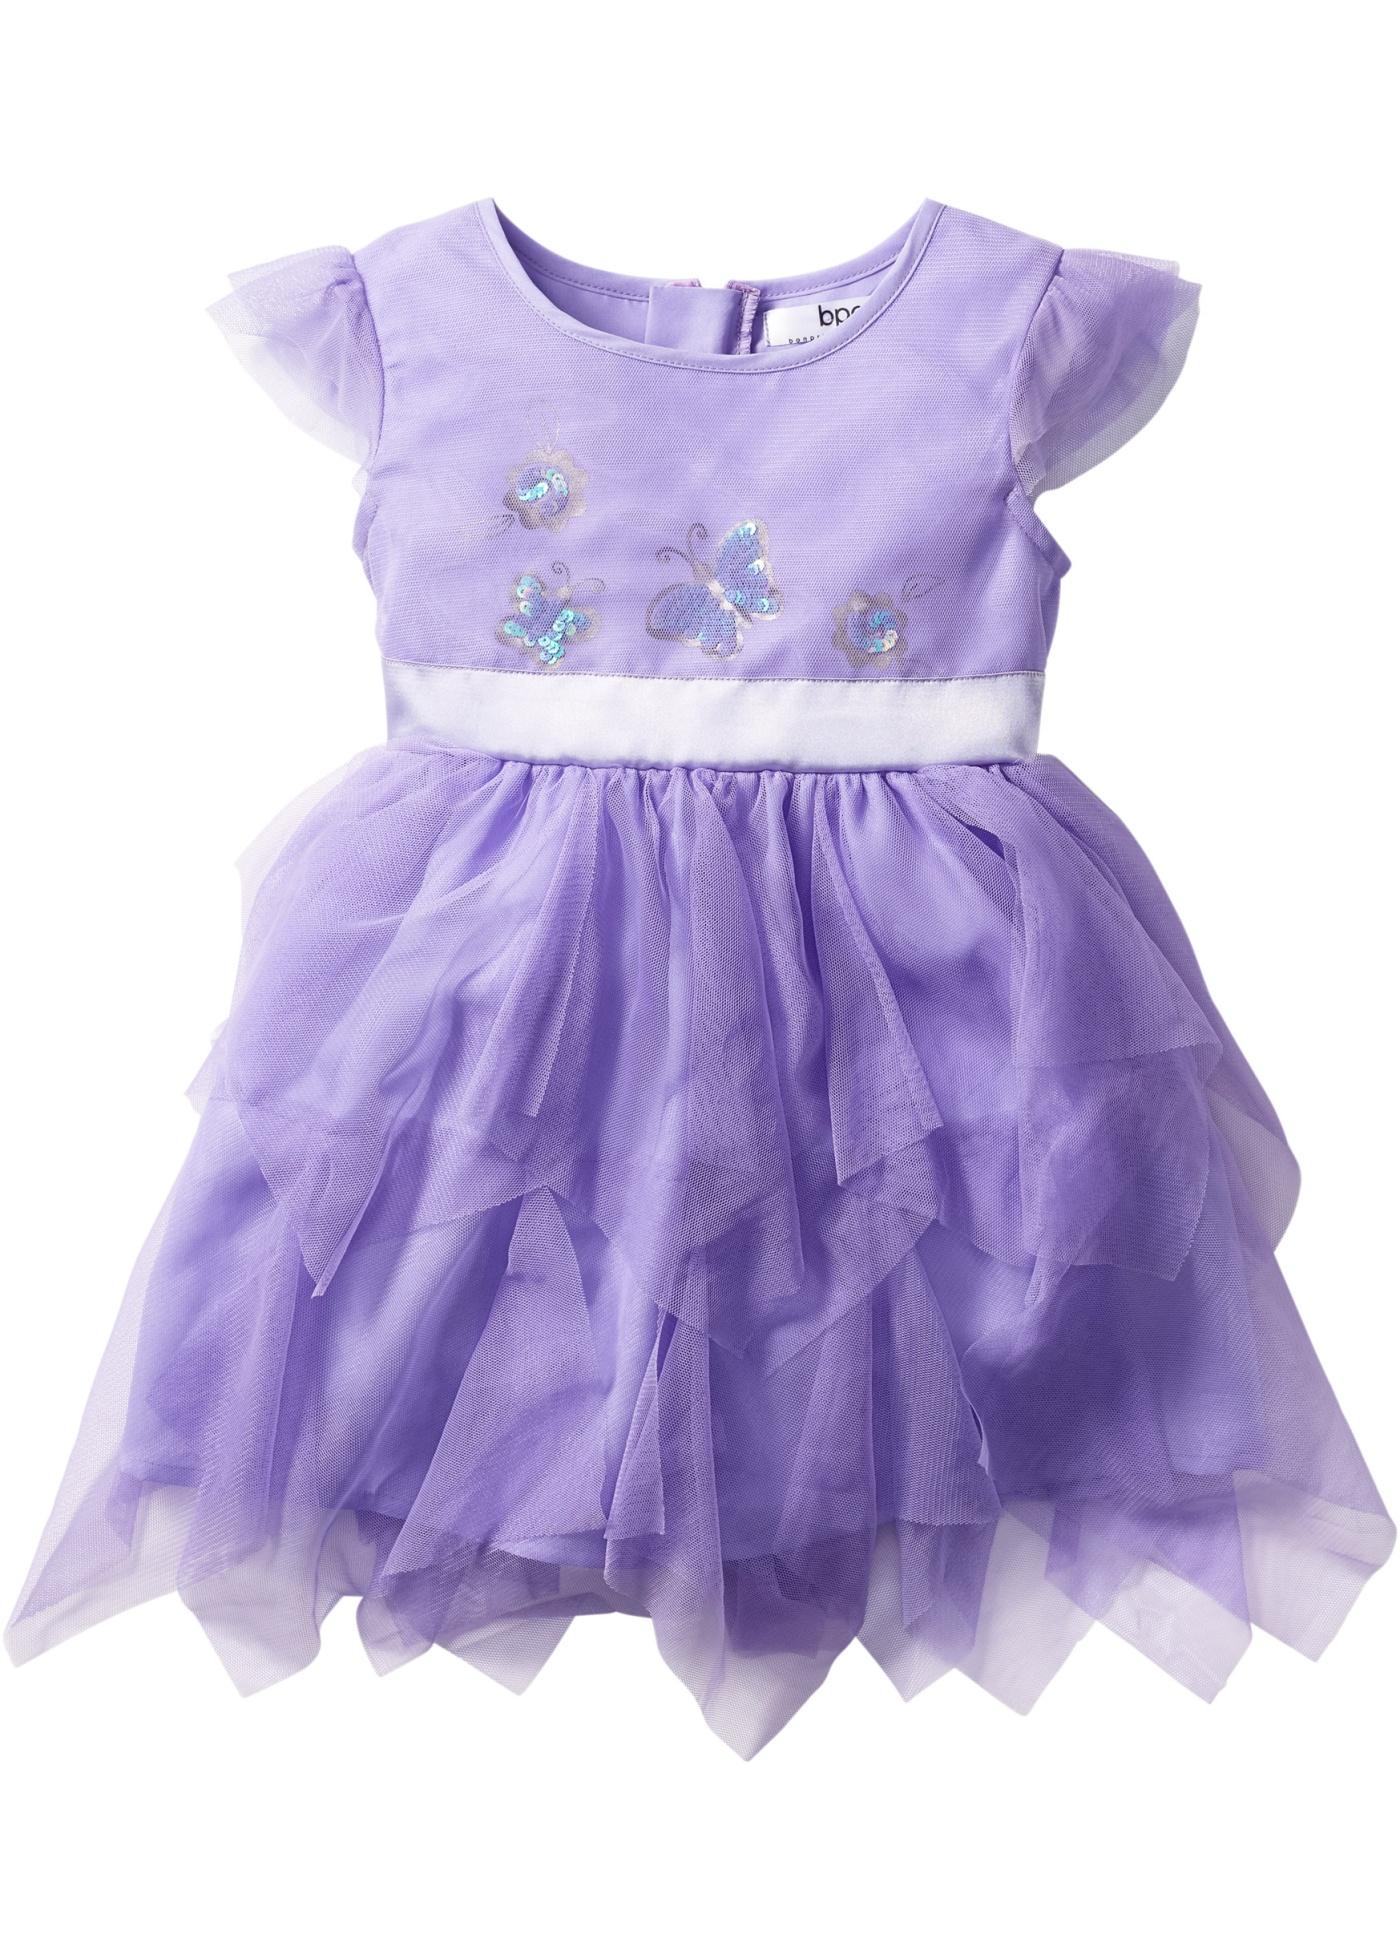 bpc bonprix collection Kleid in lila von bonprix Kindermode > Mädchen > Minis 80-134 cm > Mädchen Kleider > Kleider